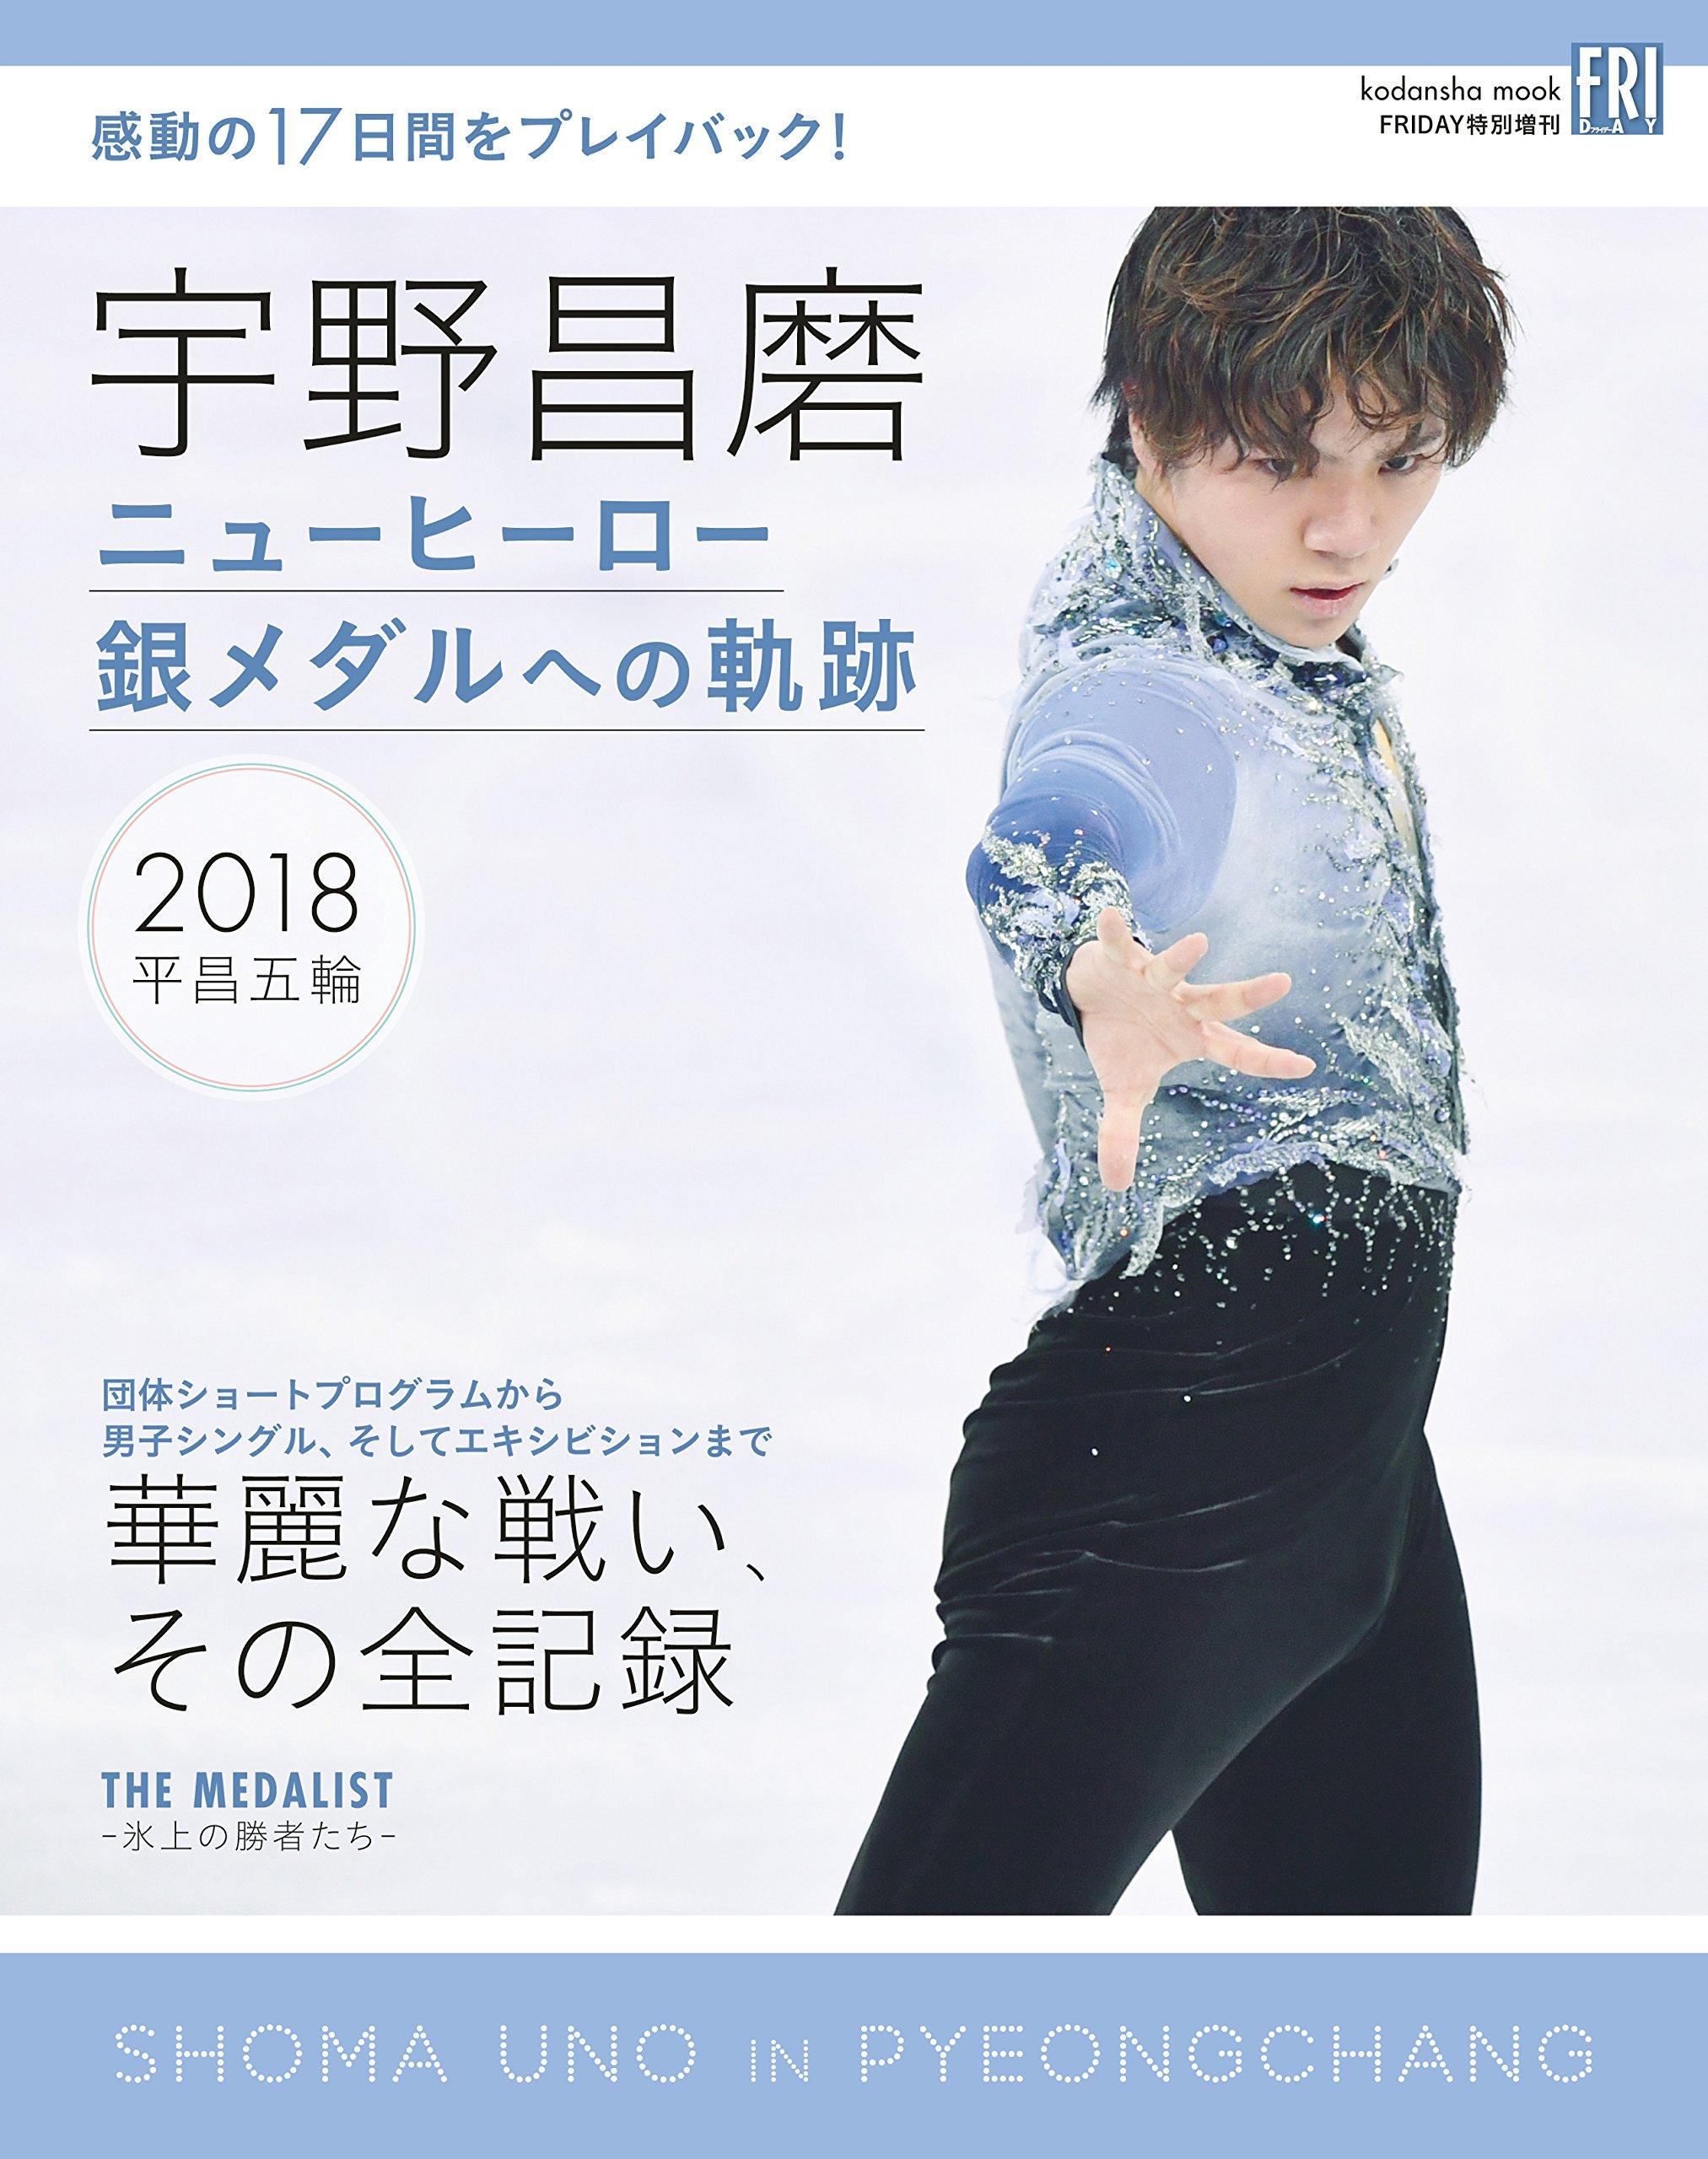 宇野昌磨 ニューヒーロー 銀メダルへの軌跡 3月9日発売!